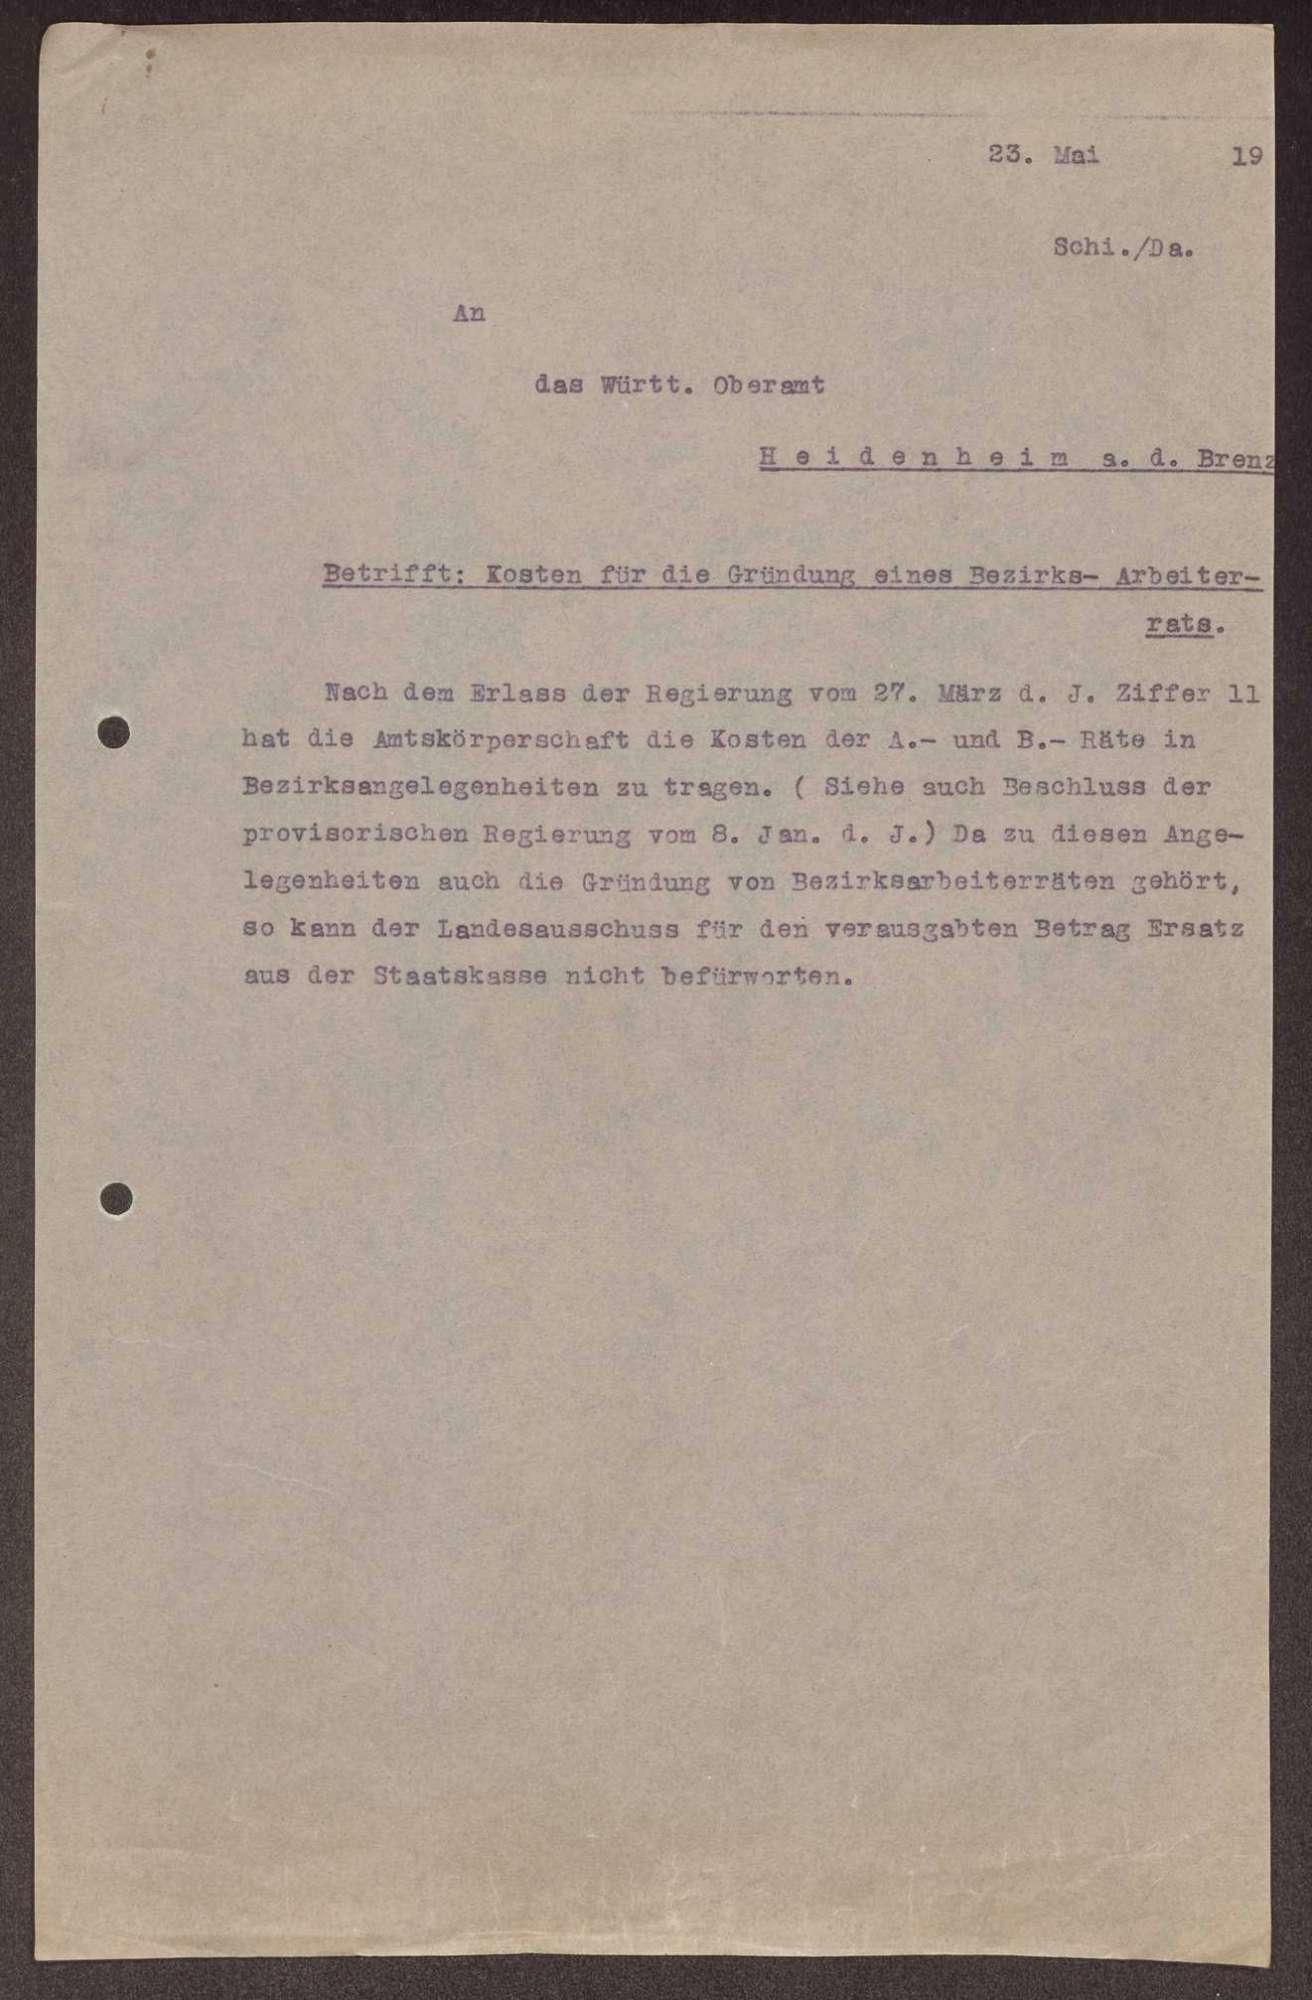 Finanzierung und Rechnungslegung örtlicher Arbeiter- und Bauernräte im Oberamt Heidenheim, Bild 3